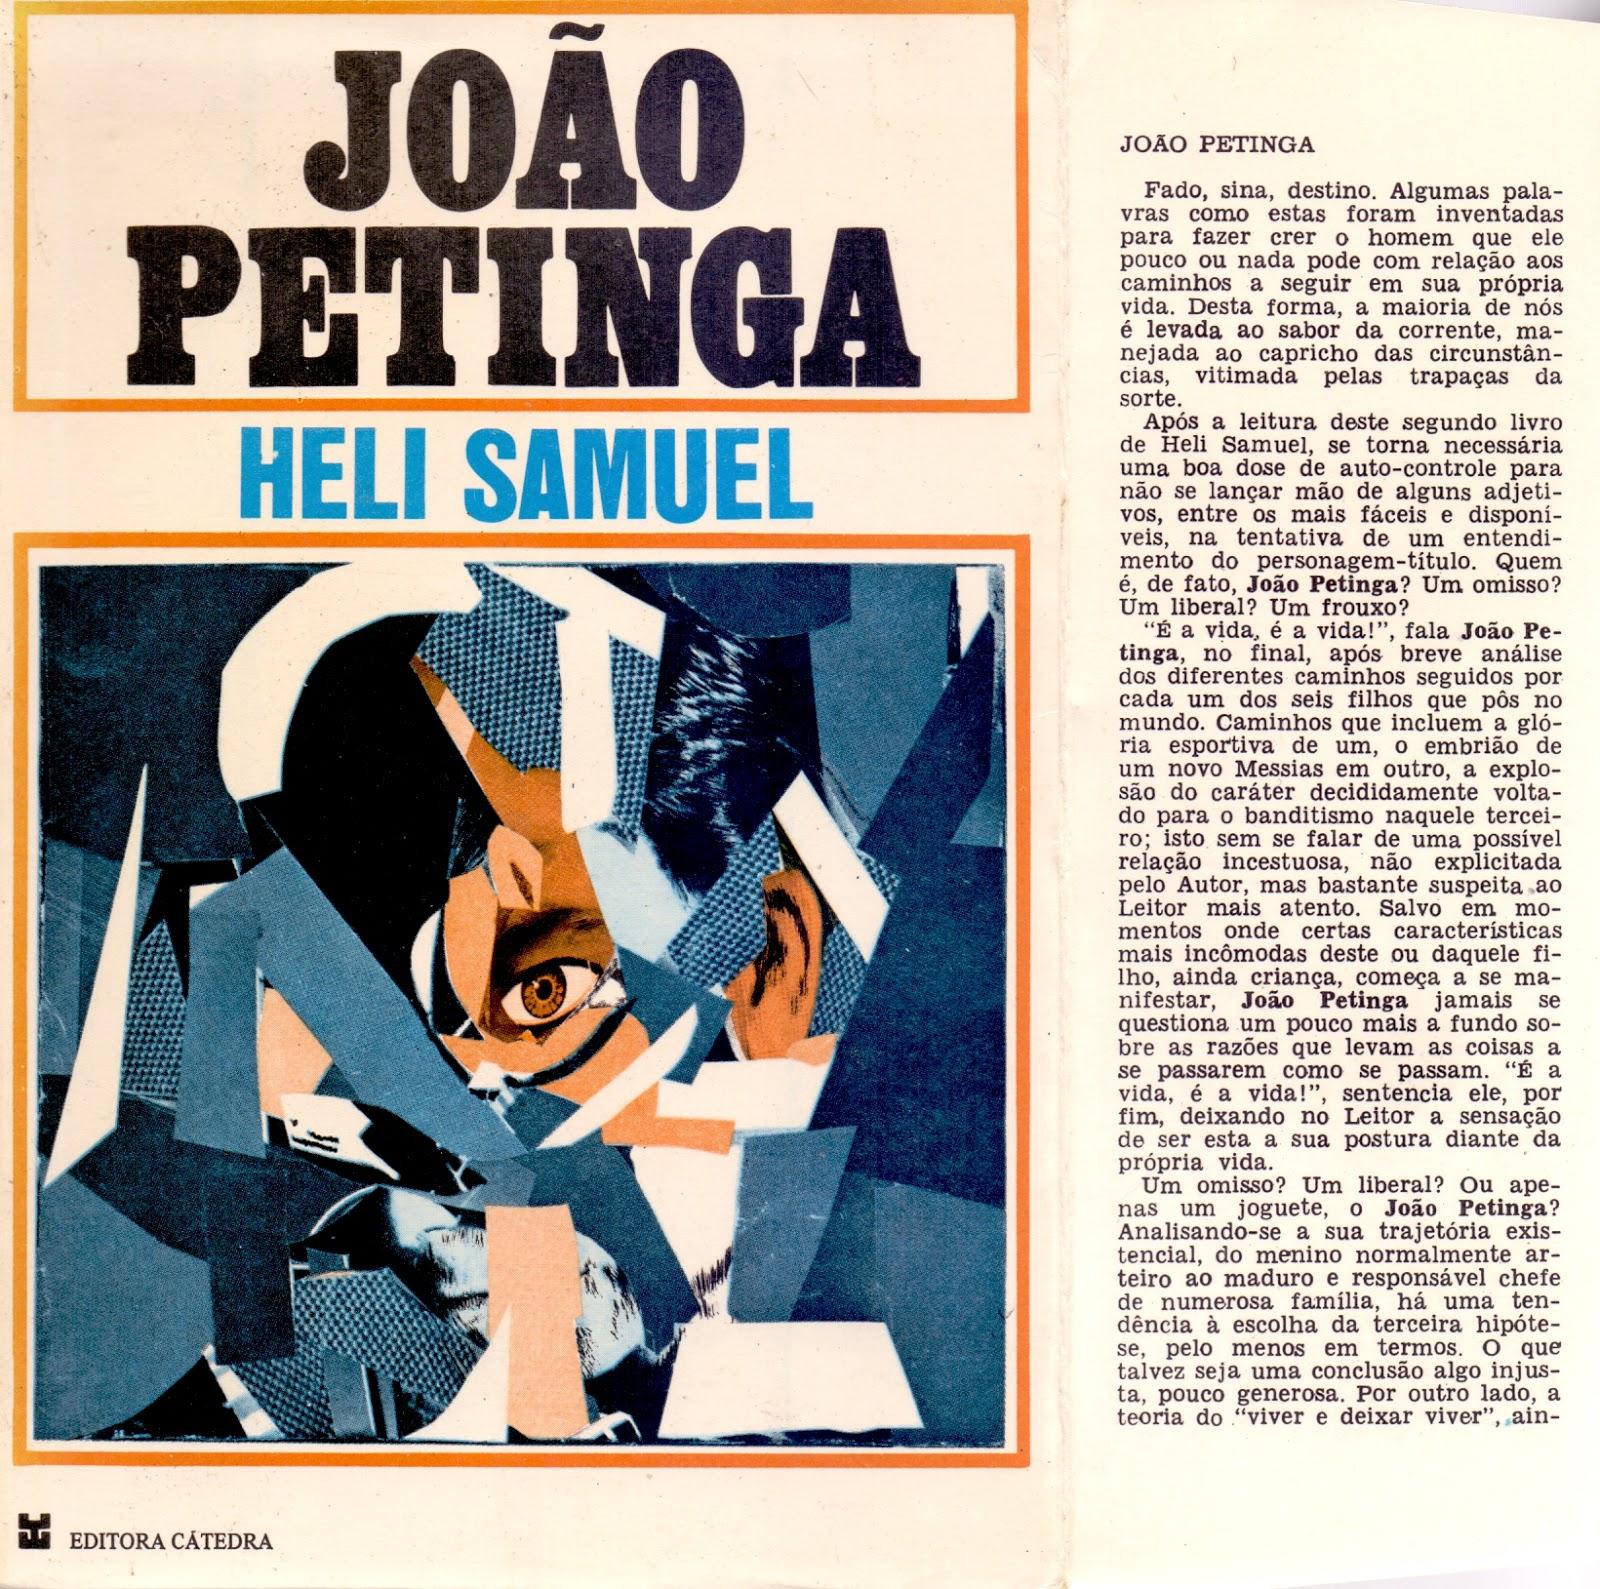 9e7a867c5 João Petinga   Heli Samuel   Antonio Cabral Filho - Rj